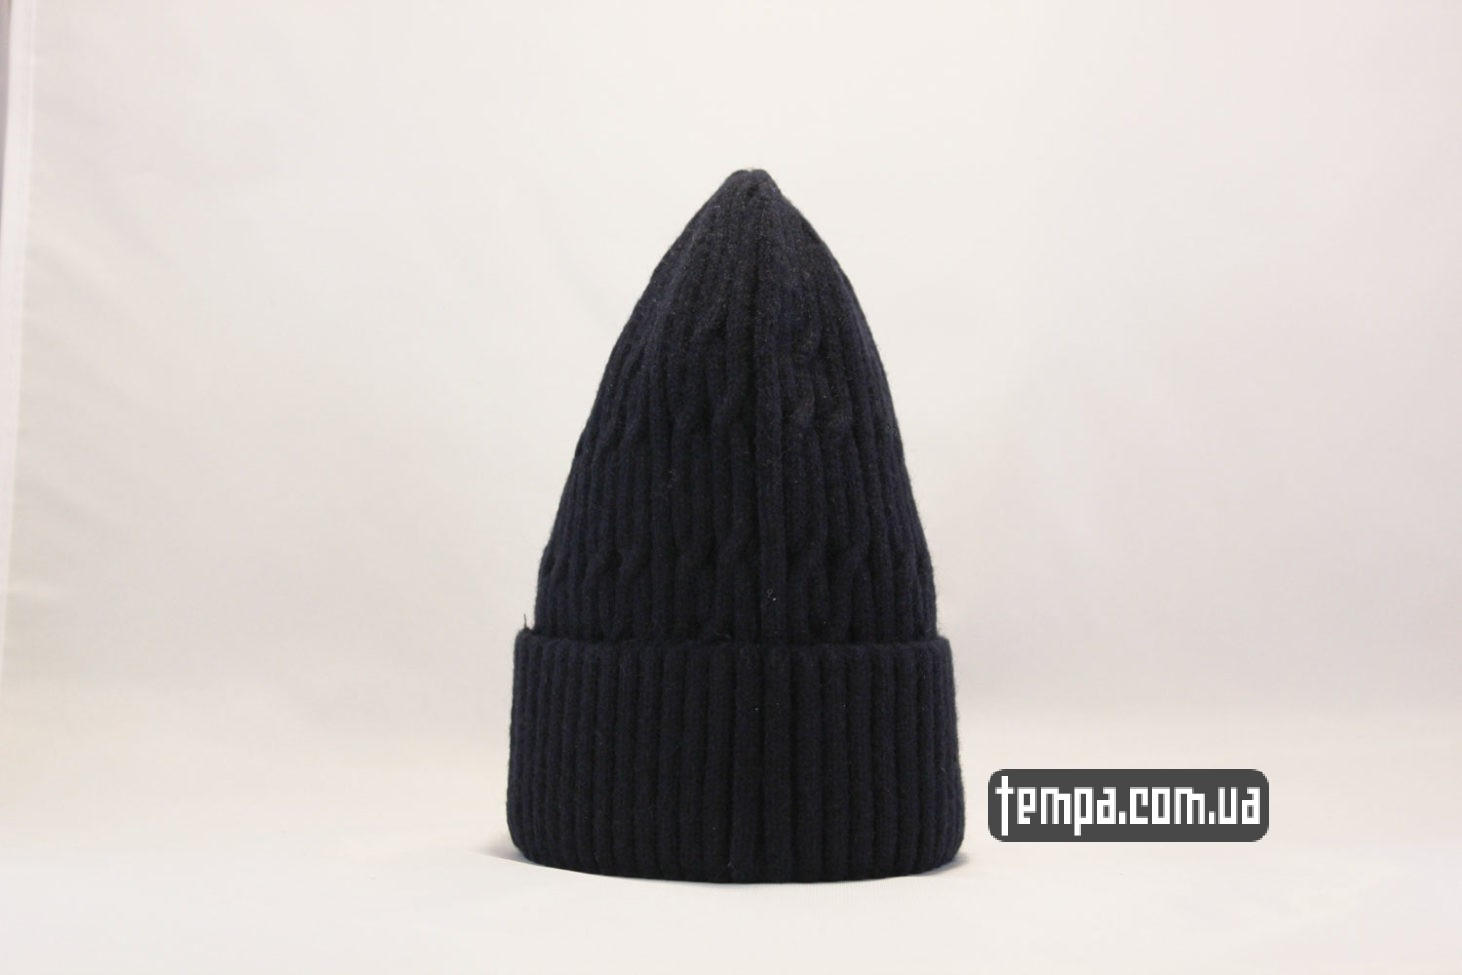 бини купить шапка beanie adidas originals синяя бини купить